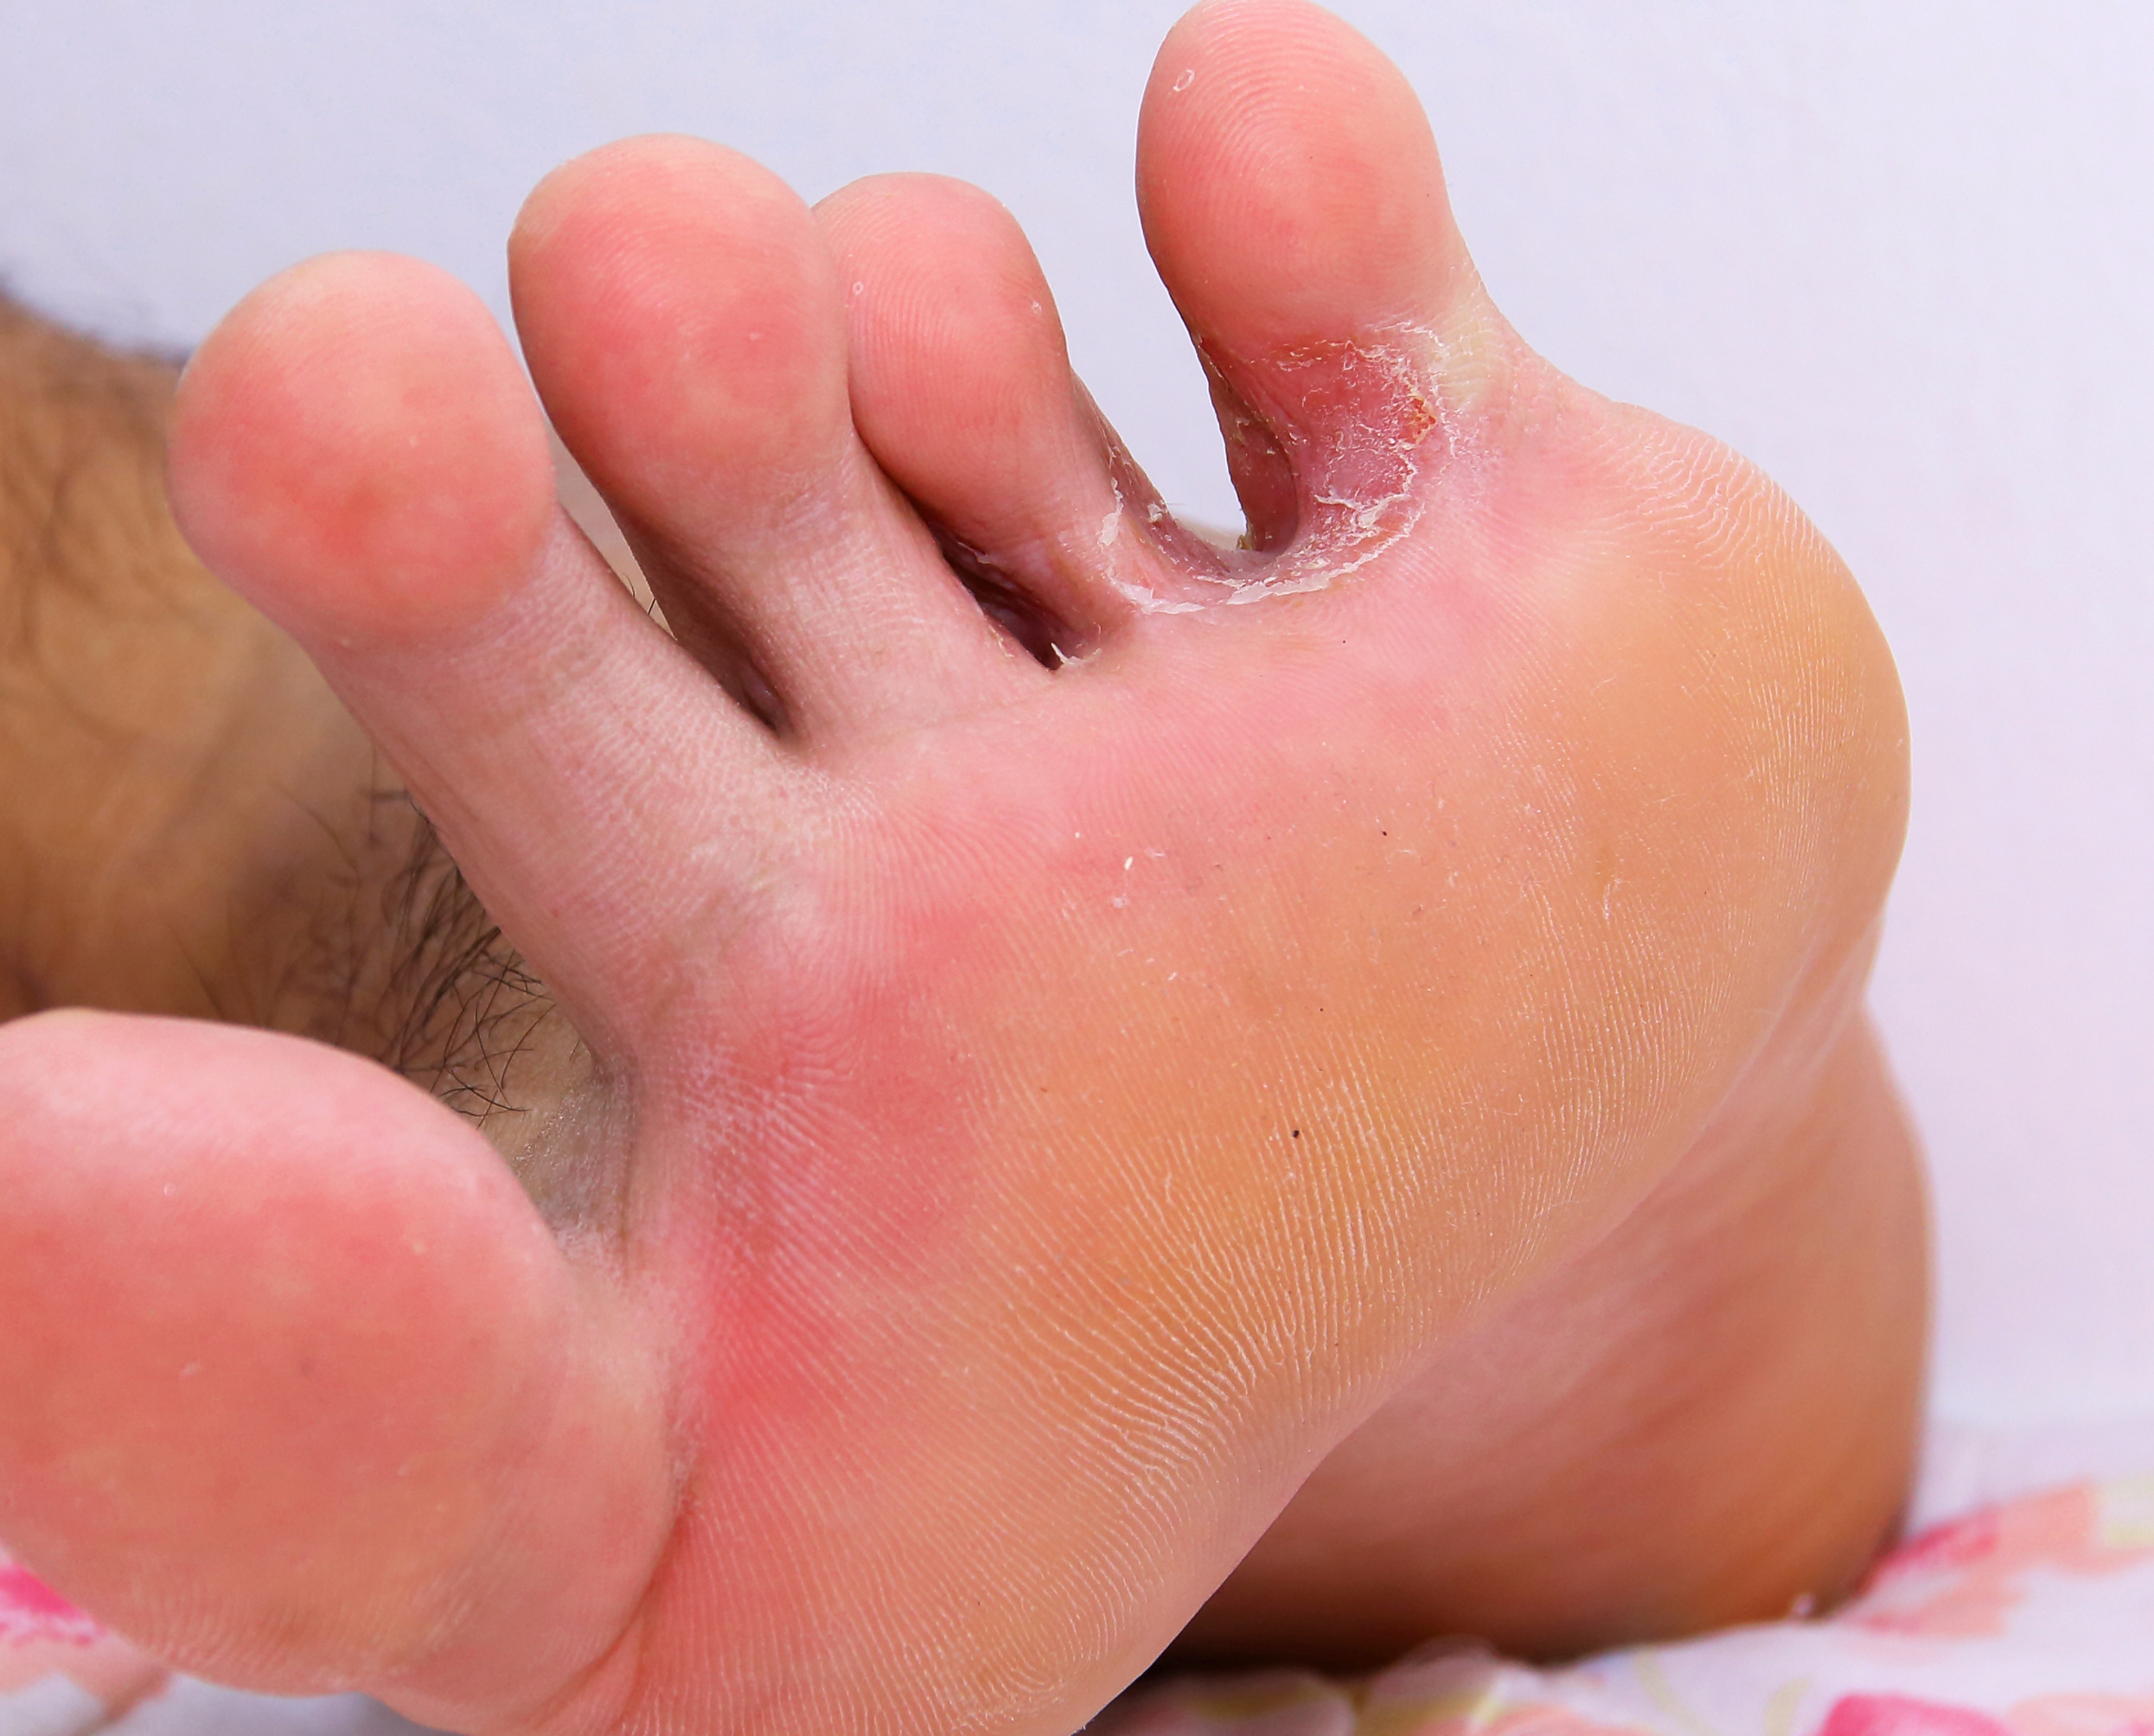 hogyan lehet megszabadulni a lábán lévő vörös foltoktól otthon